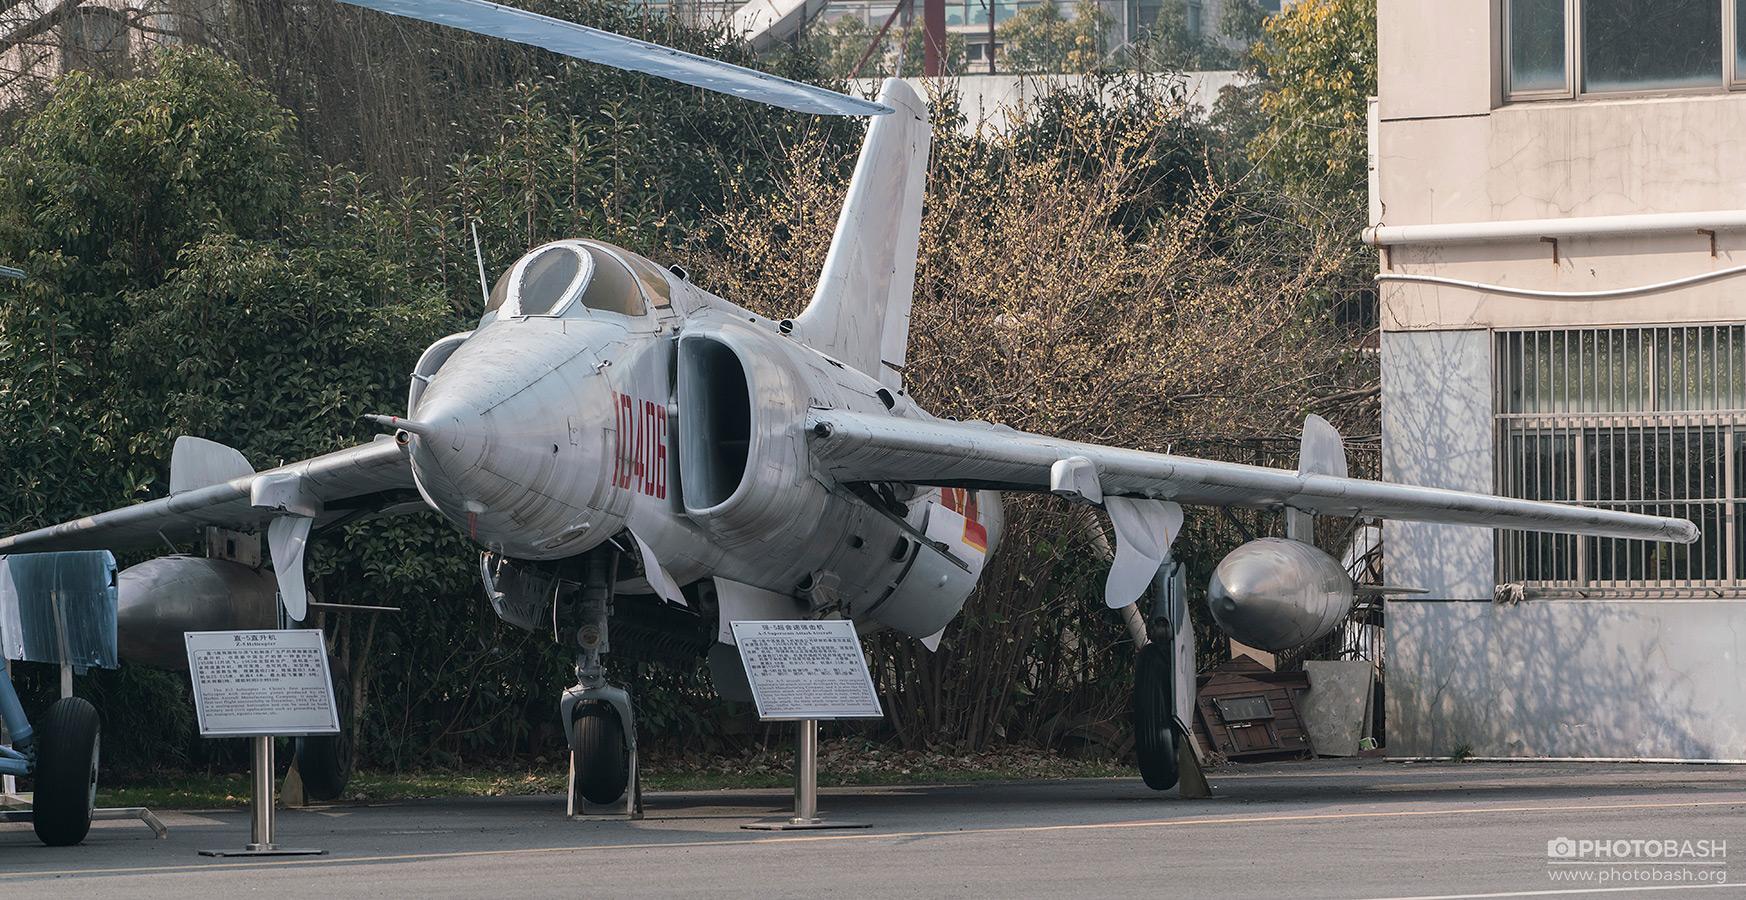 Soviet-Jet-Fighter-Aircraft-Interceptor.jpg